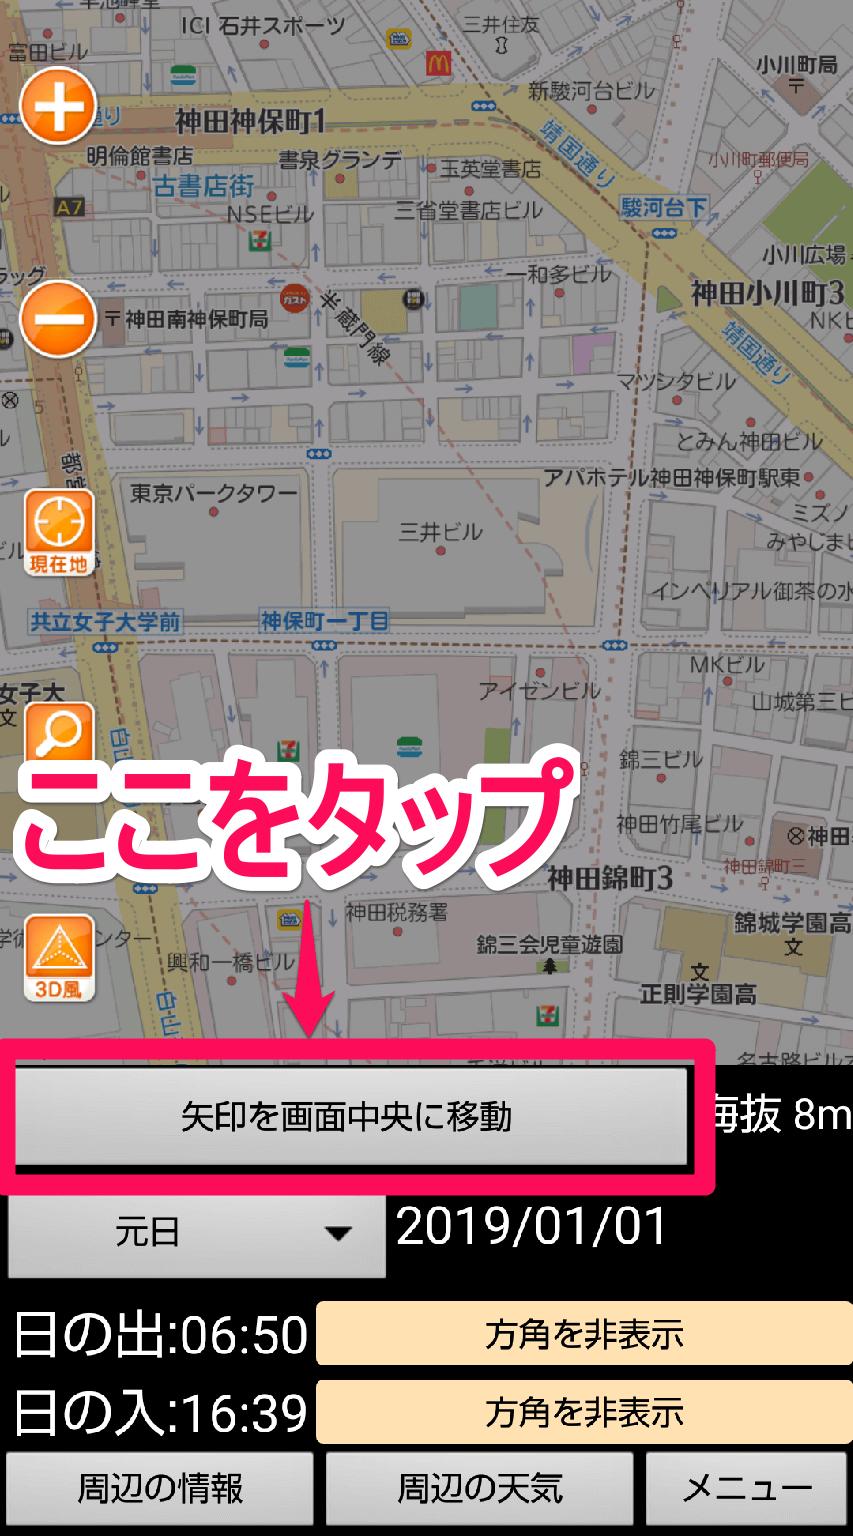 Android(アンドロイド)版[日の出日の入マピオン]アプリで好きな場所の初日の出と日の入りの方角と時刻を表示した画面